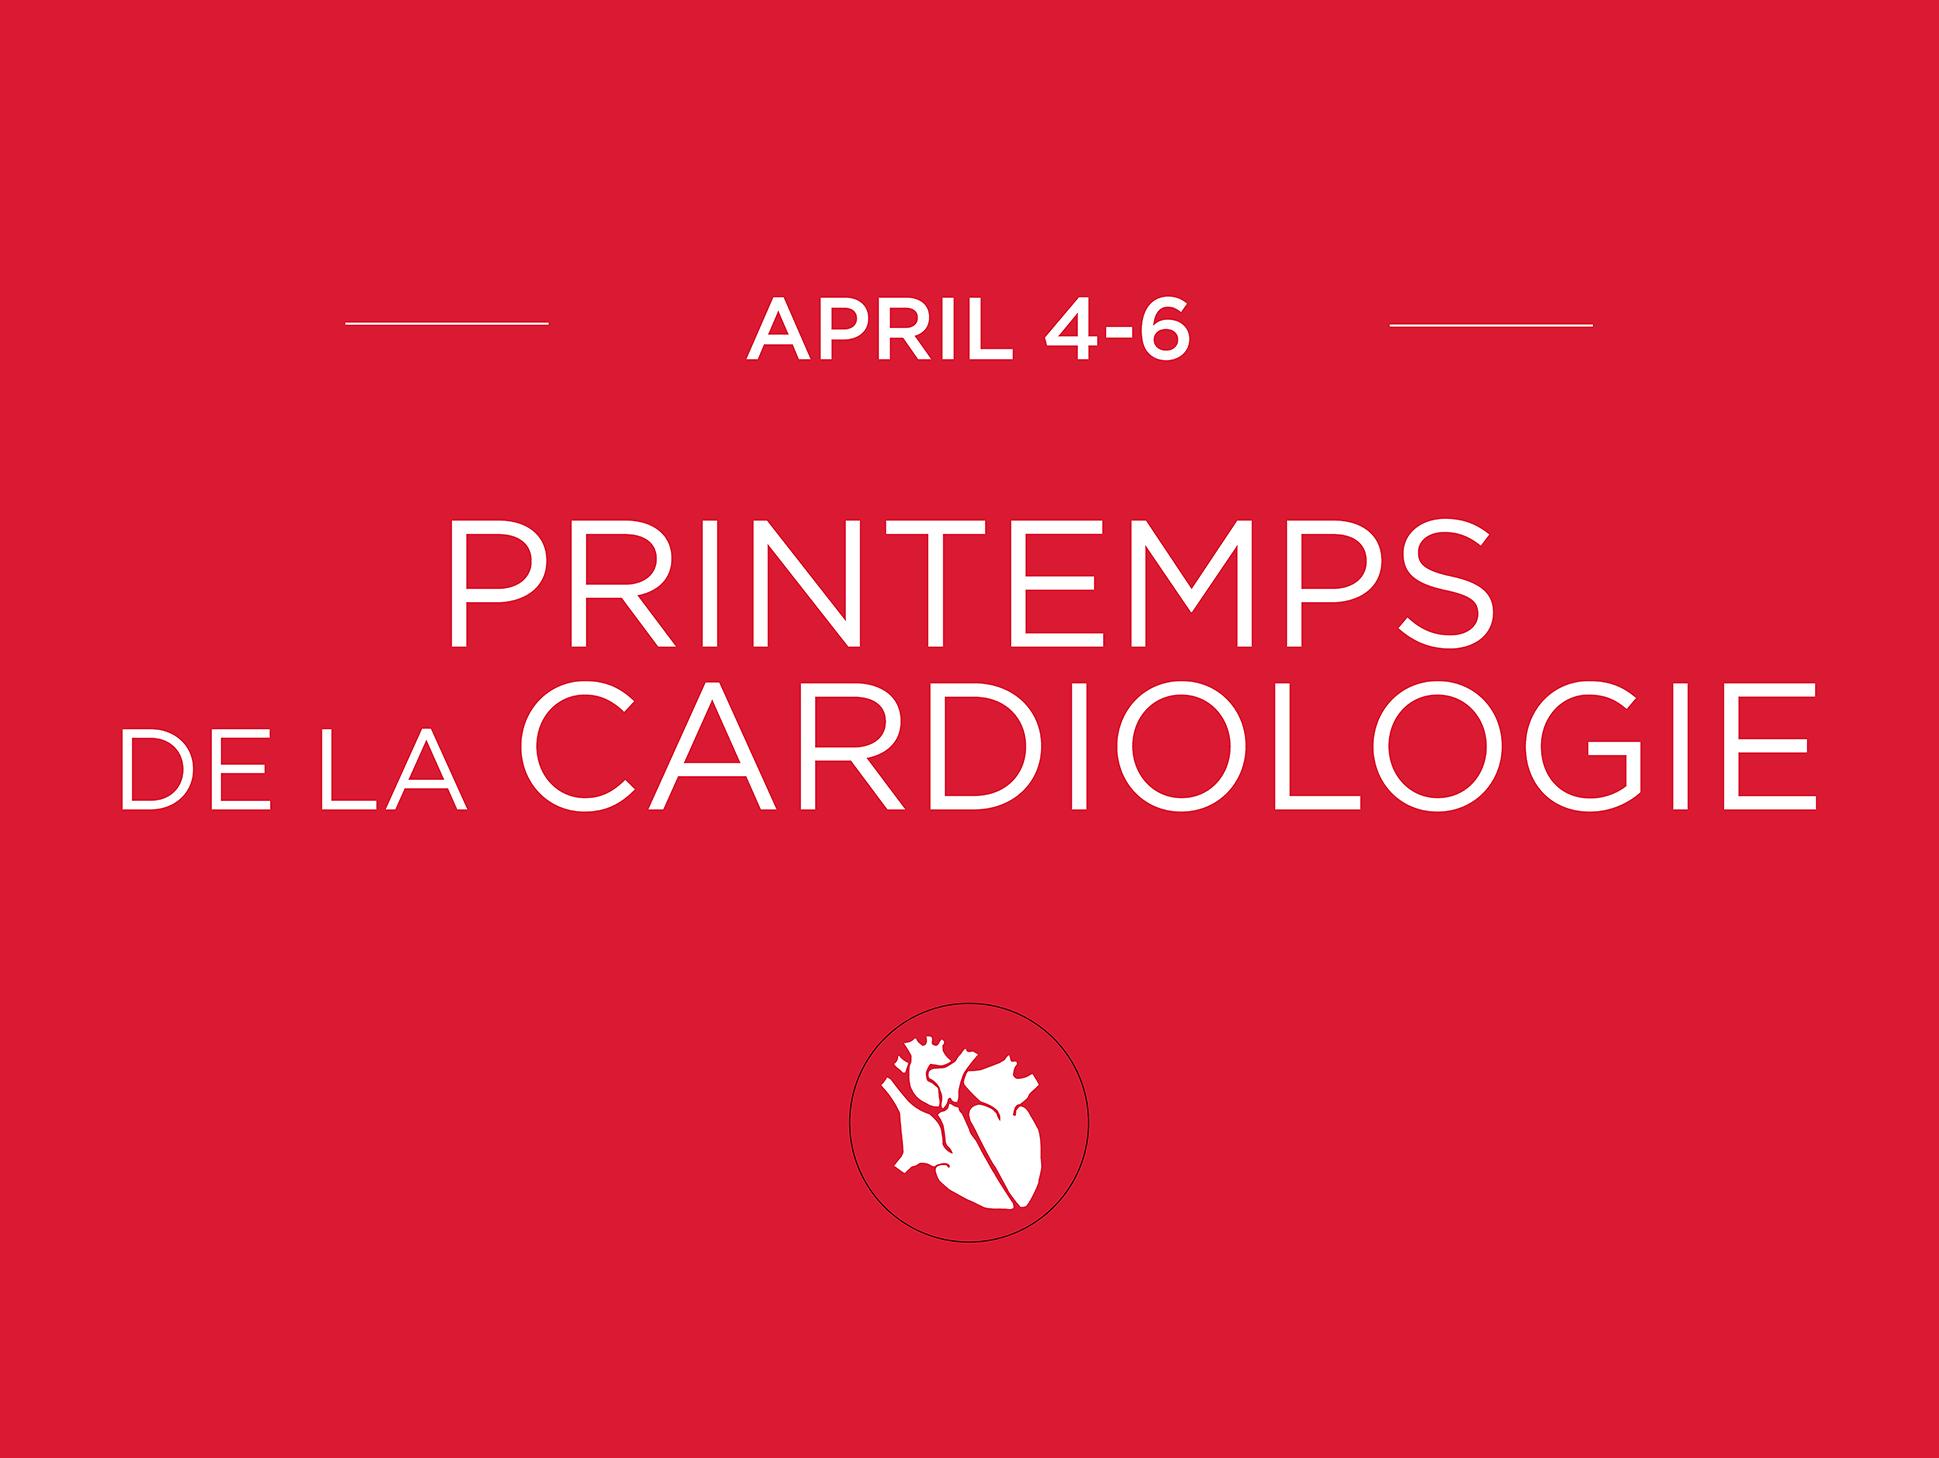 Printemps de la Cardiologie PrintempsCardio2018